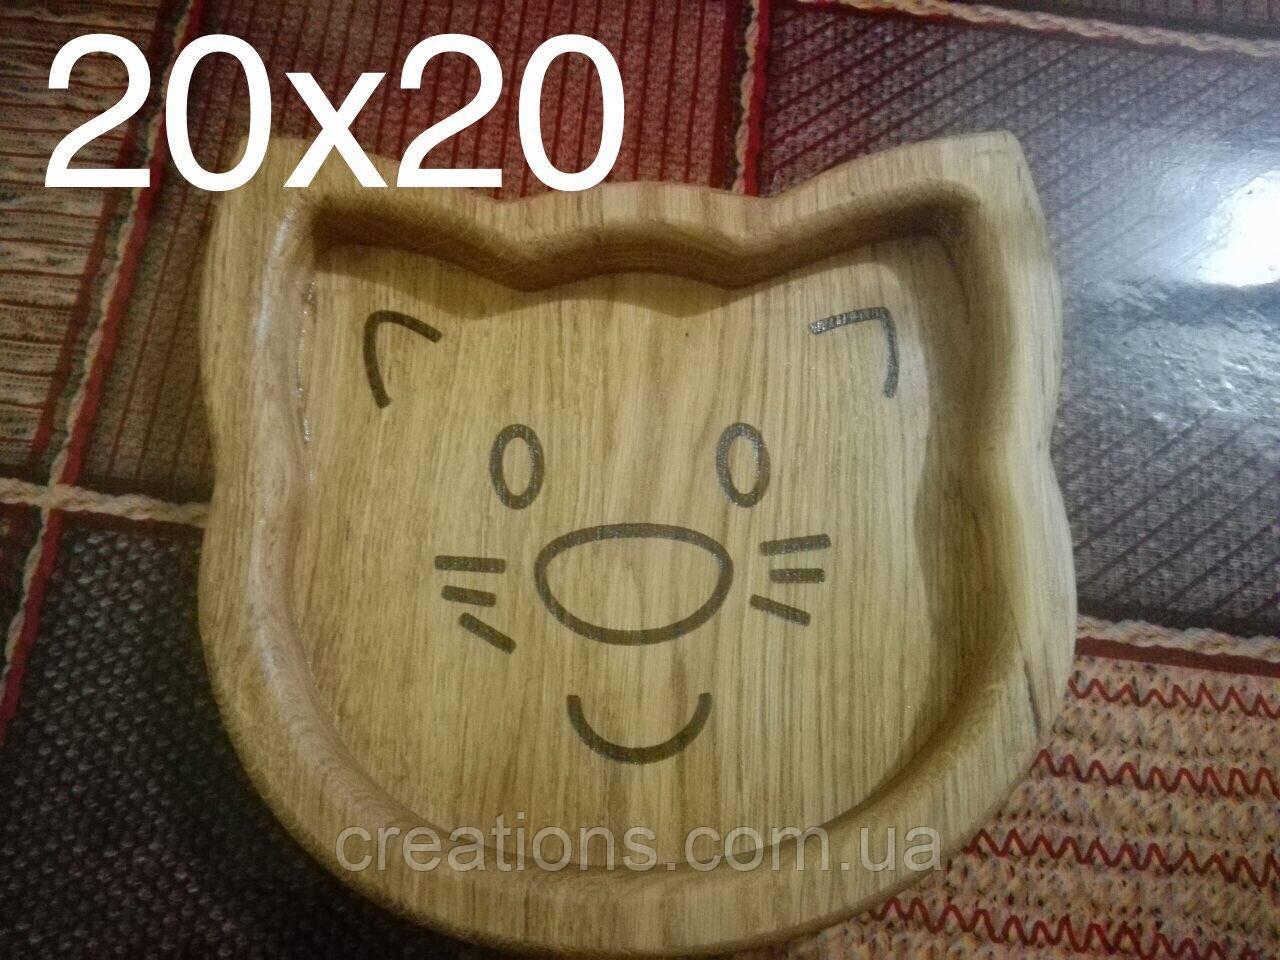 Детская деревянная тарелка 20х20 см. из черешни, ясеня